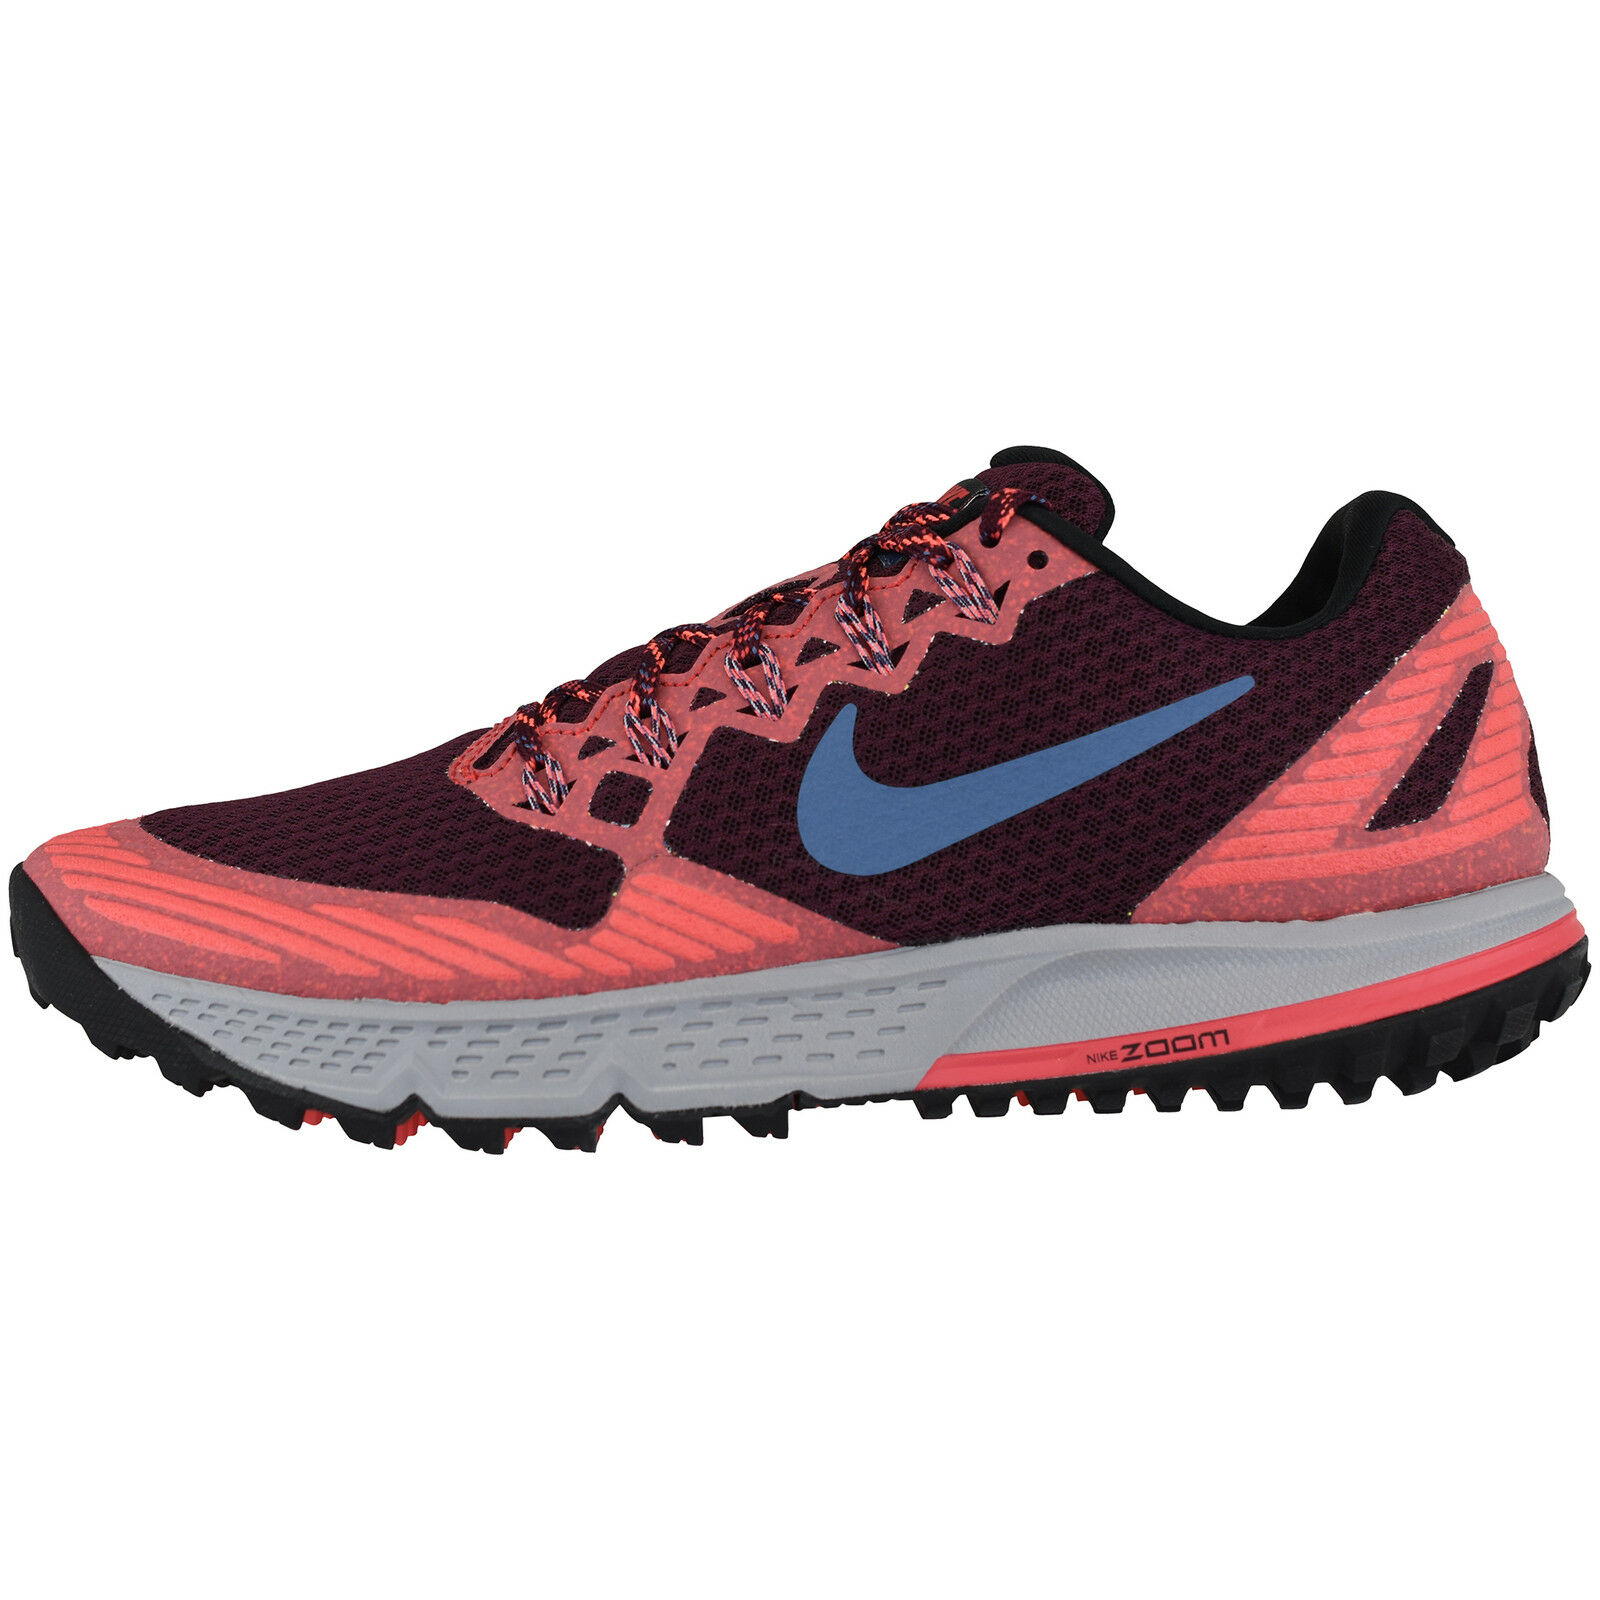 Nike air zoom correndo wildhorse 3 749336-600 joggen laufschuh correndo zoom freizeit scarpa 867e72